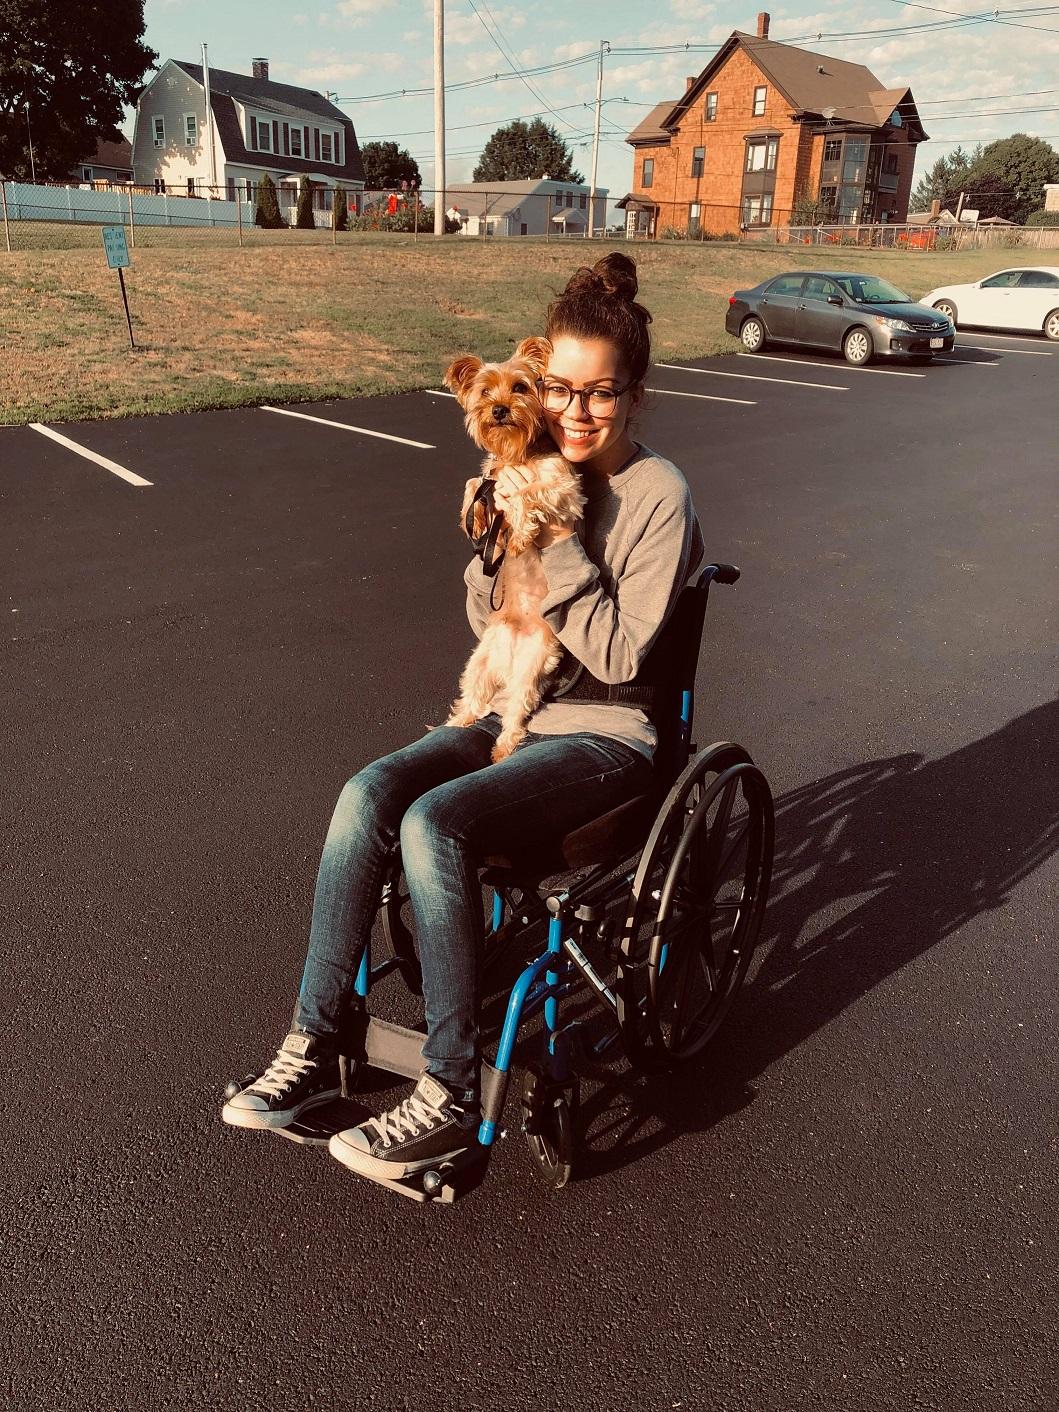 ג'ניפר ווירץ, יושבת בכיסא גלגלים ומחזיקה כלב קטן